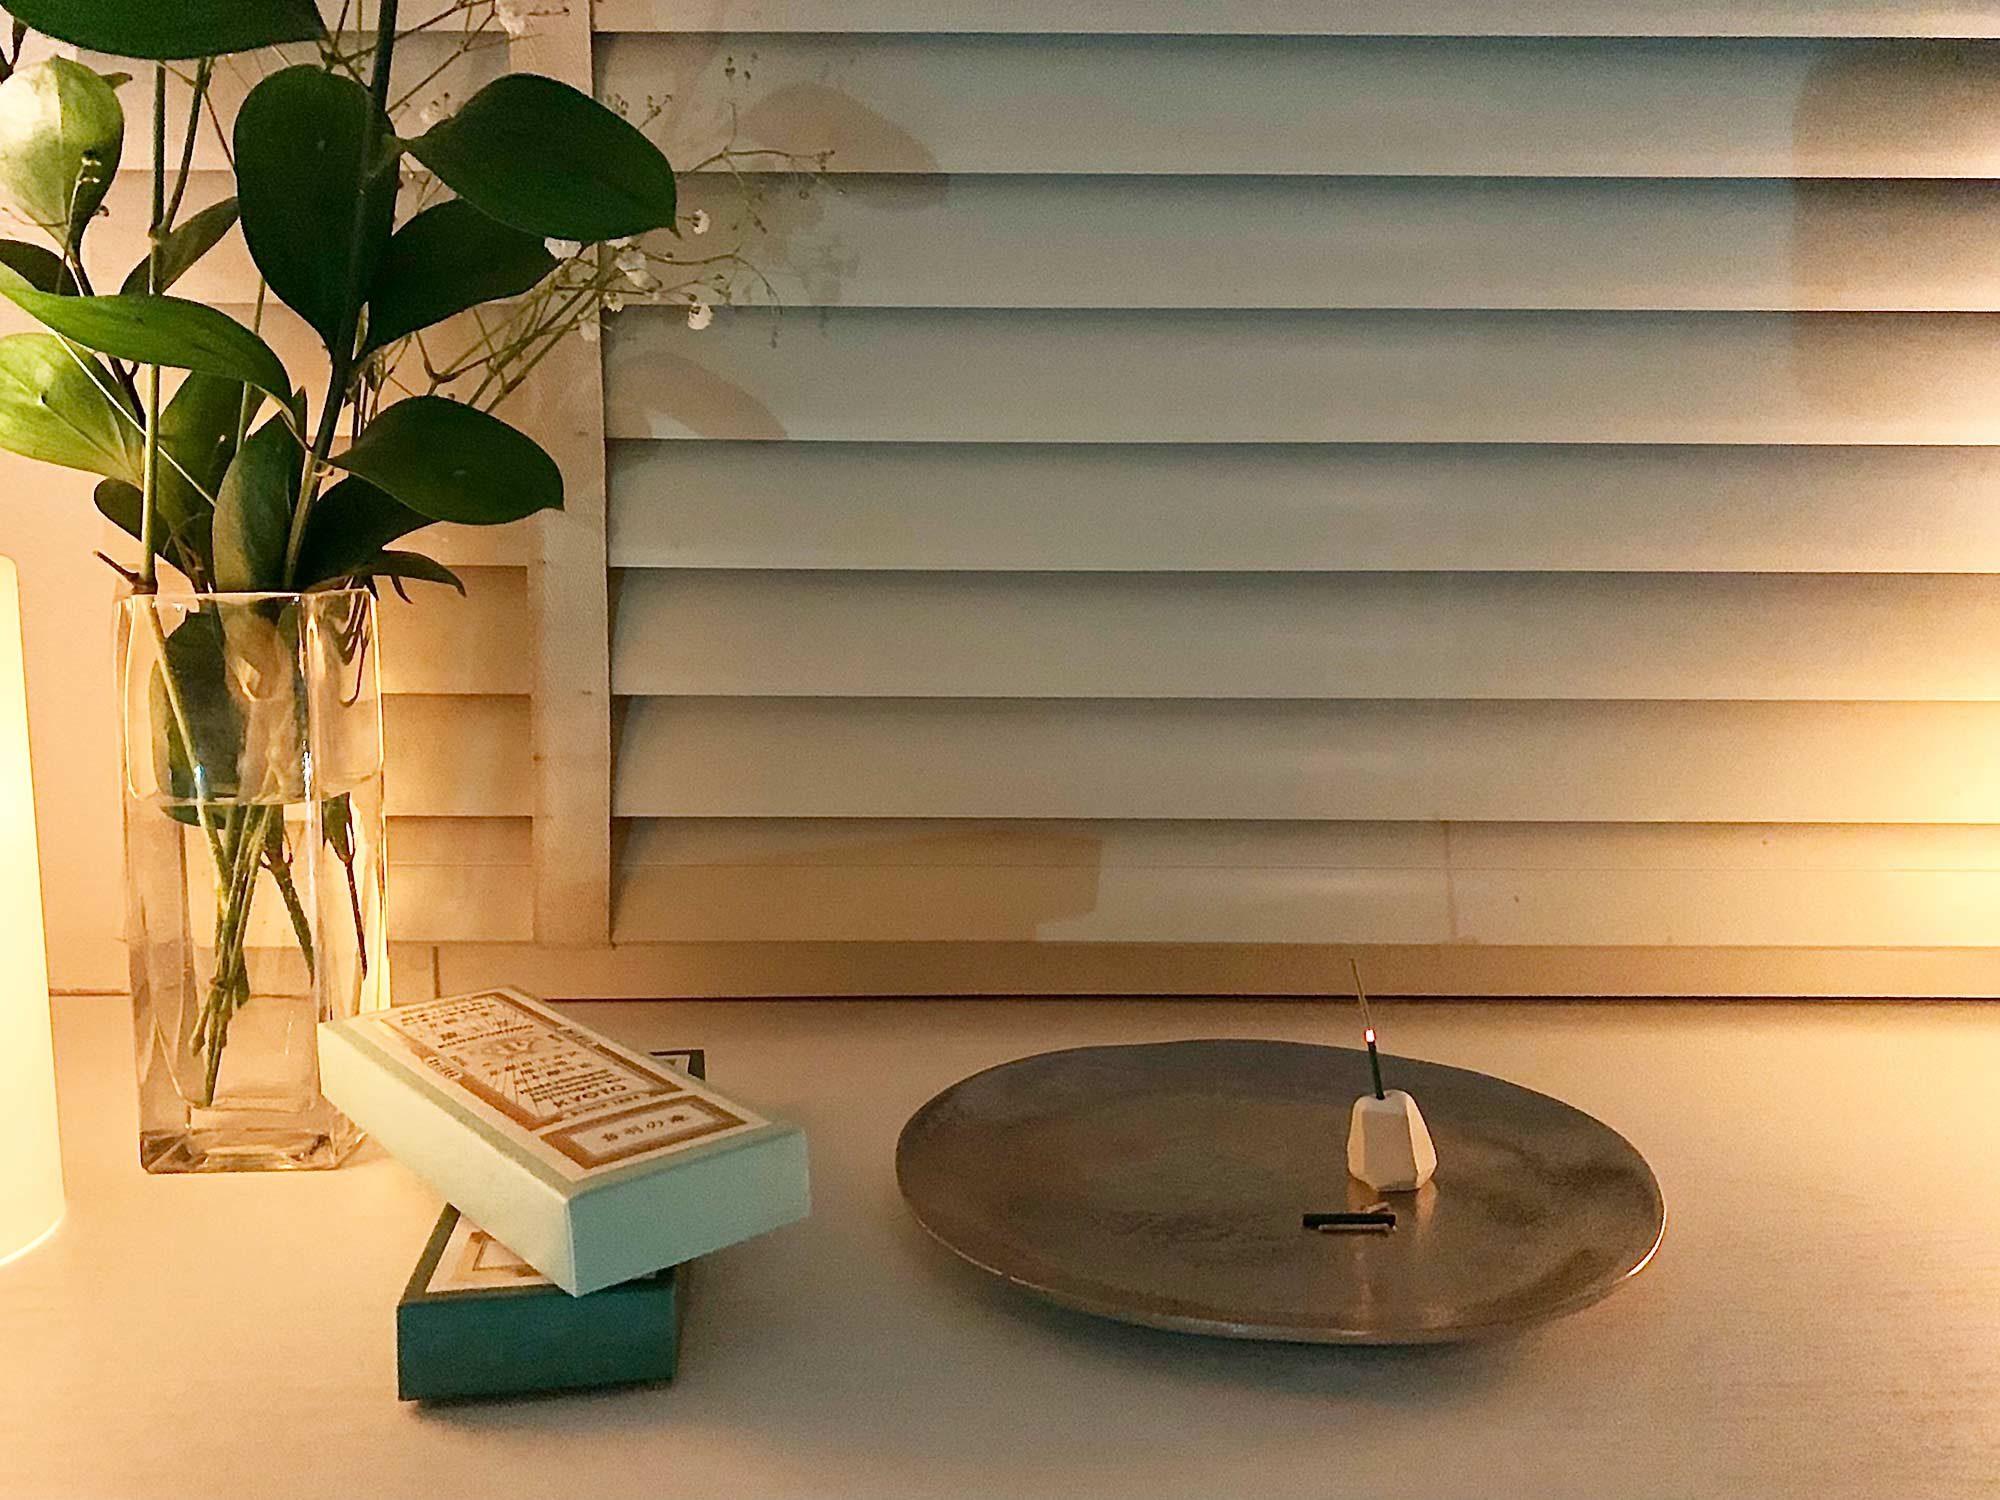 暖色系の照明との相性も良く、ホッとしたひとときが過ごせます。